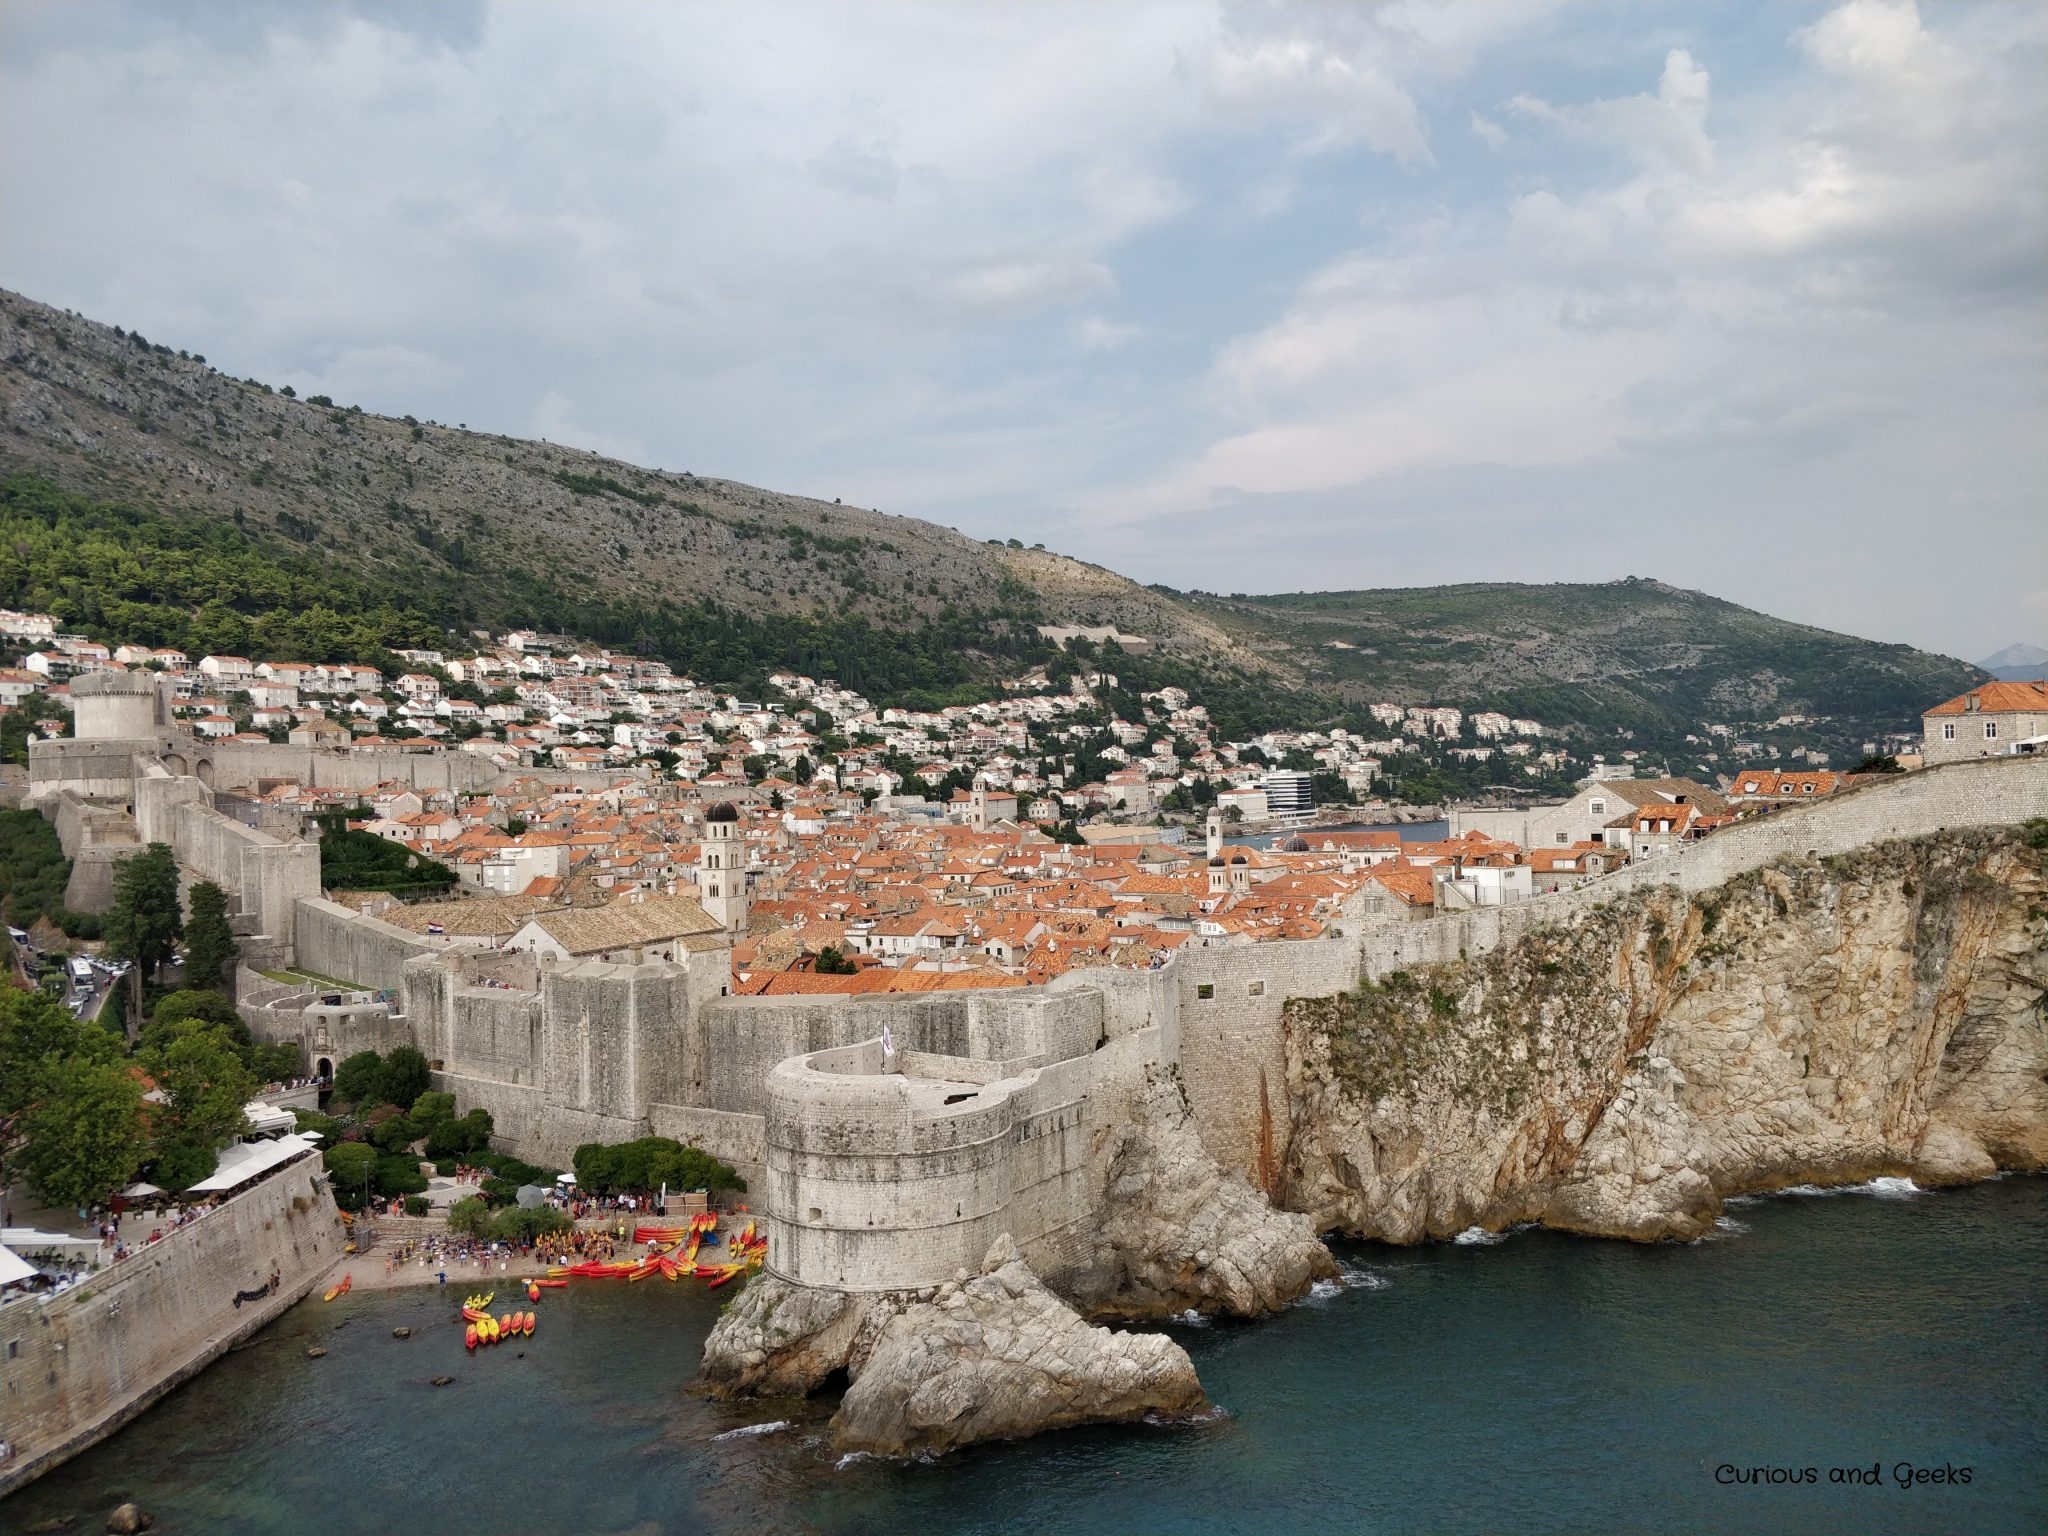 15. Kings landing - Game of Thrones filming locations in Dubrovnik